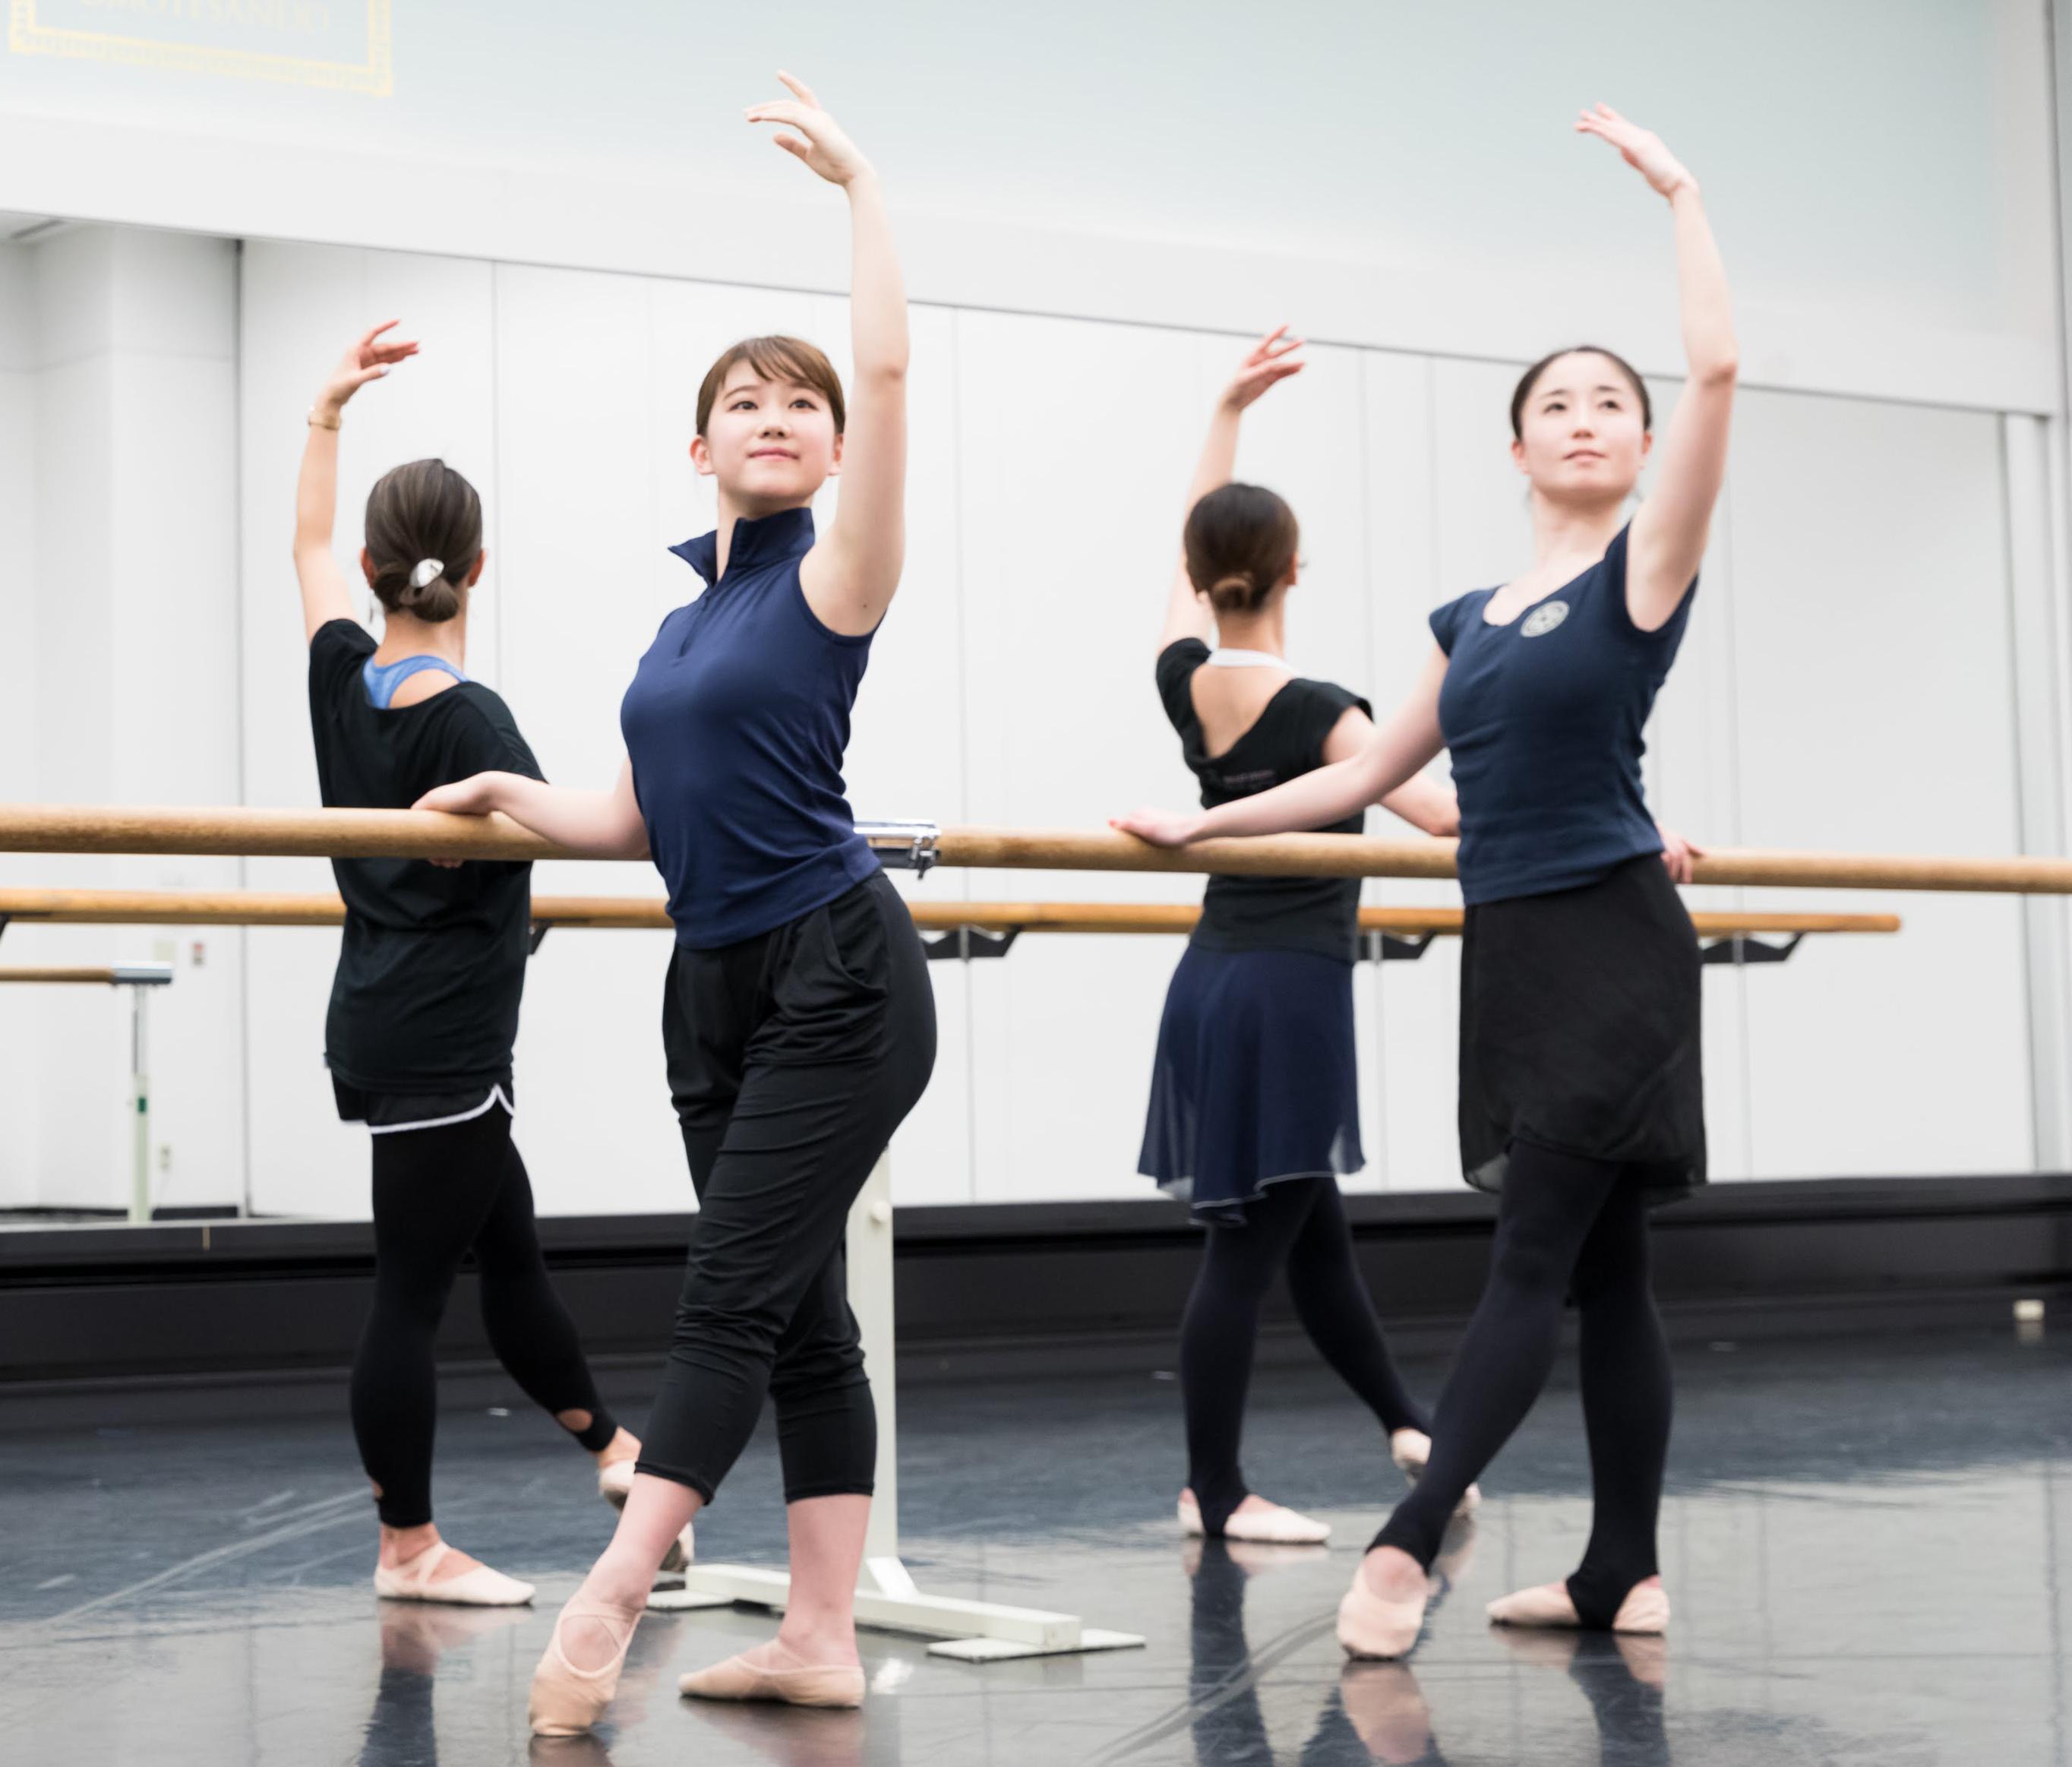 25歳以下限定!バレエを頑張りたい人を応援するキャンペーンが開催!